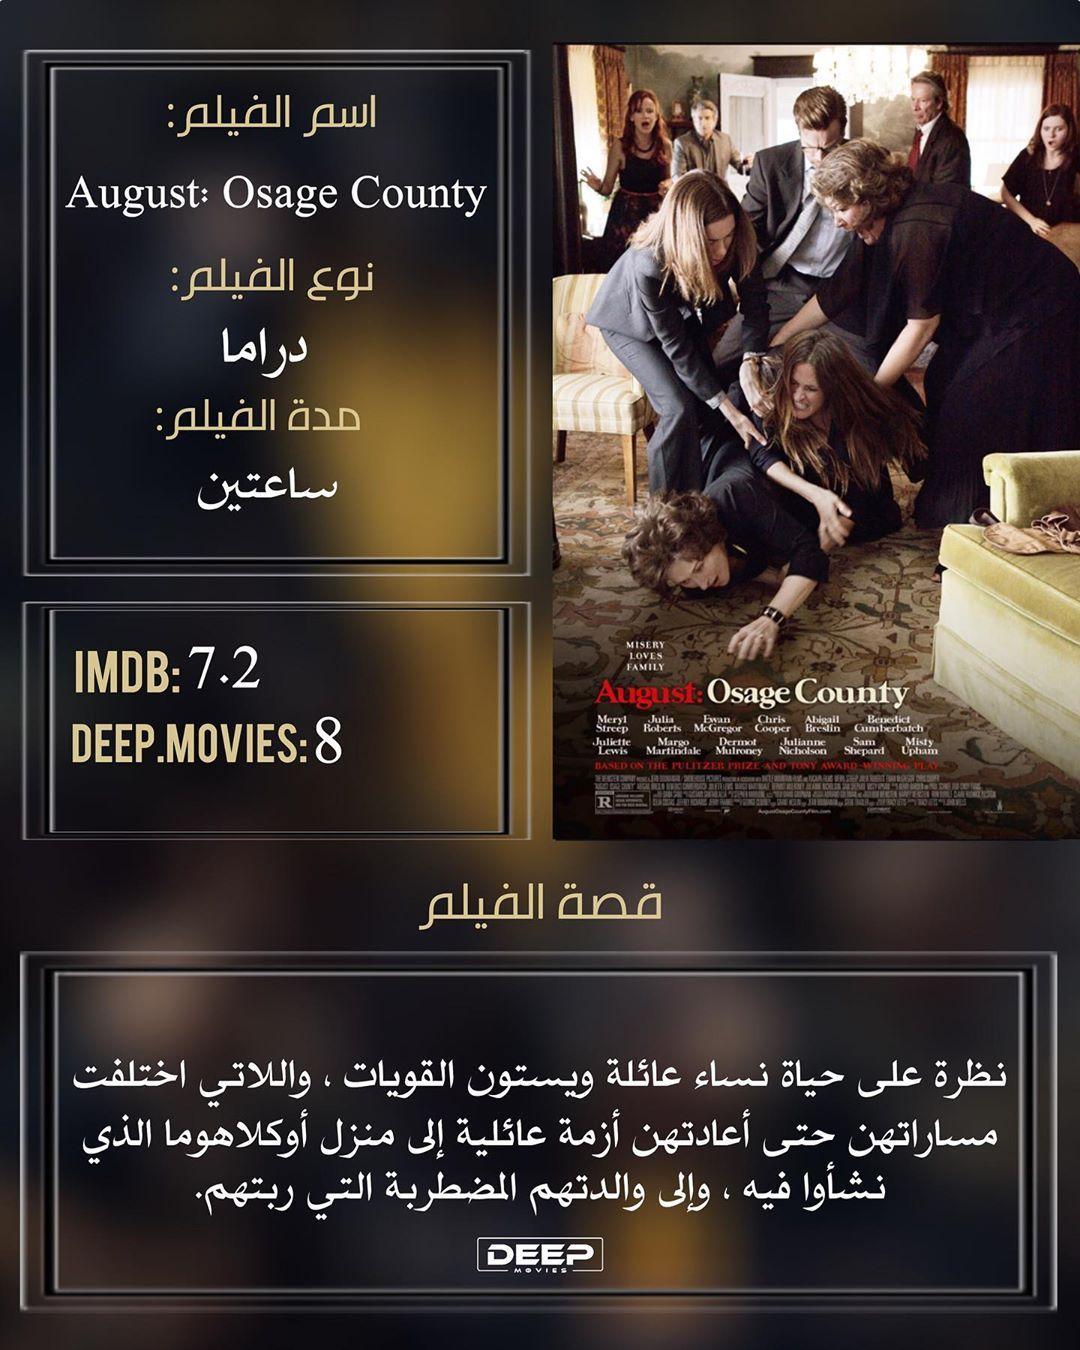 Deep Movies On Instagram فيلمنا اليوم هو فيلم دراما تم إنتاجه في سنة 2013 من إخراج جون ويلز وكتابة تريسي ليتس In 2020 Night Film Osage County Osage